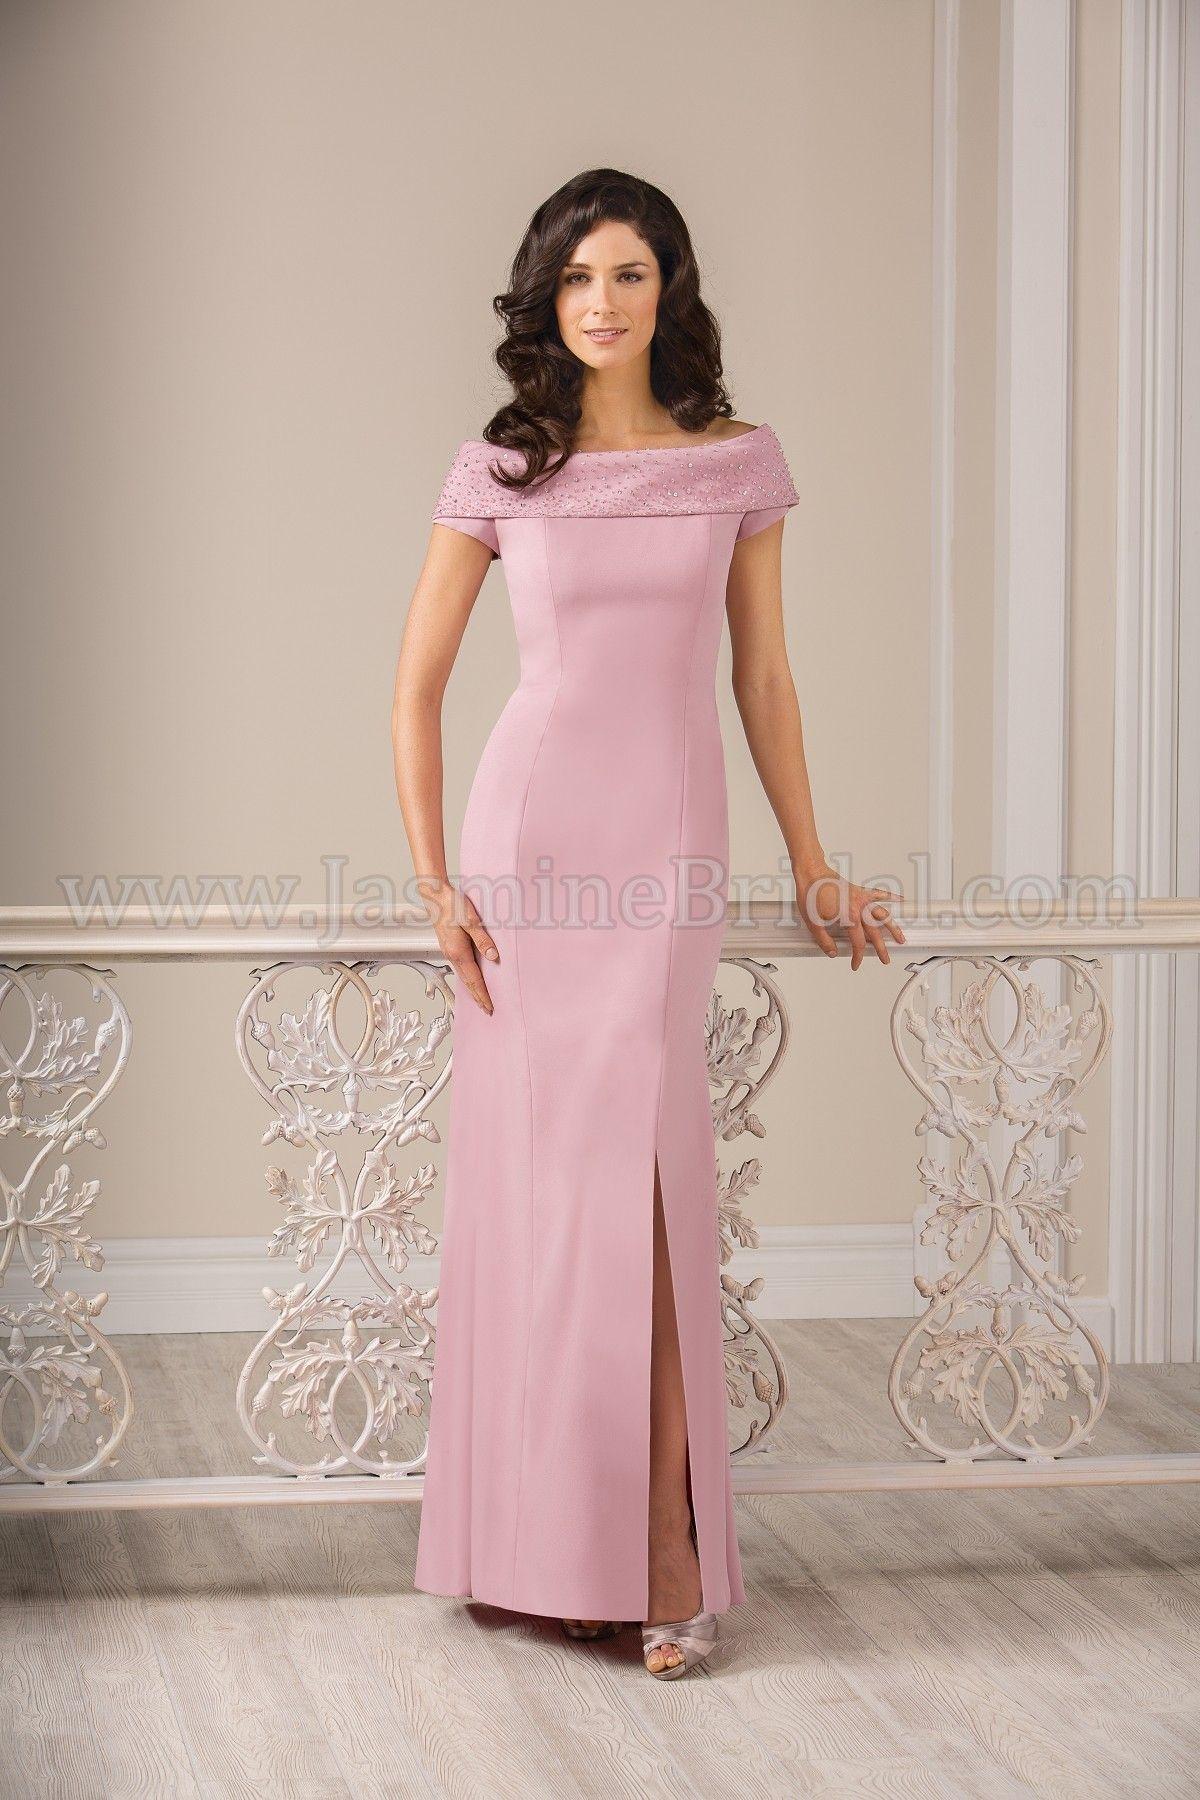 Jasmine Bridal Jade Style J185009 In Rose Petal Pink